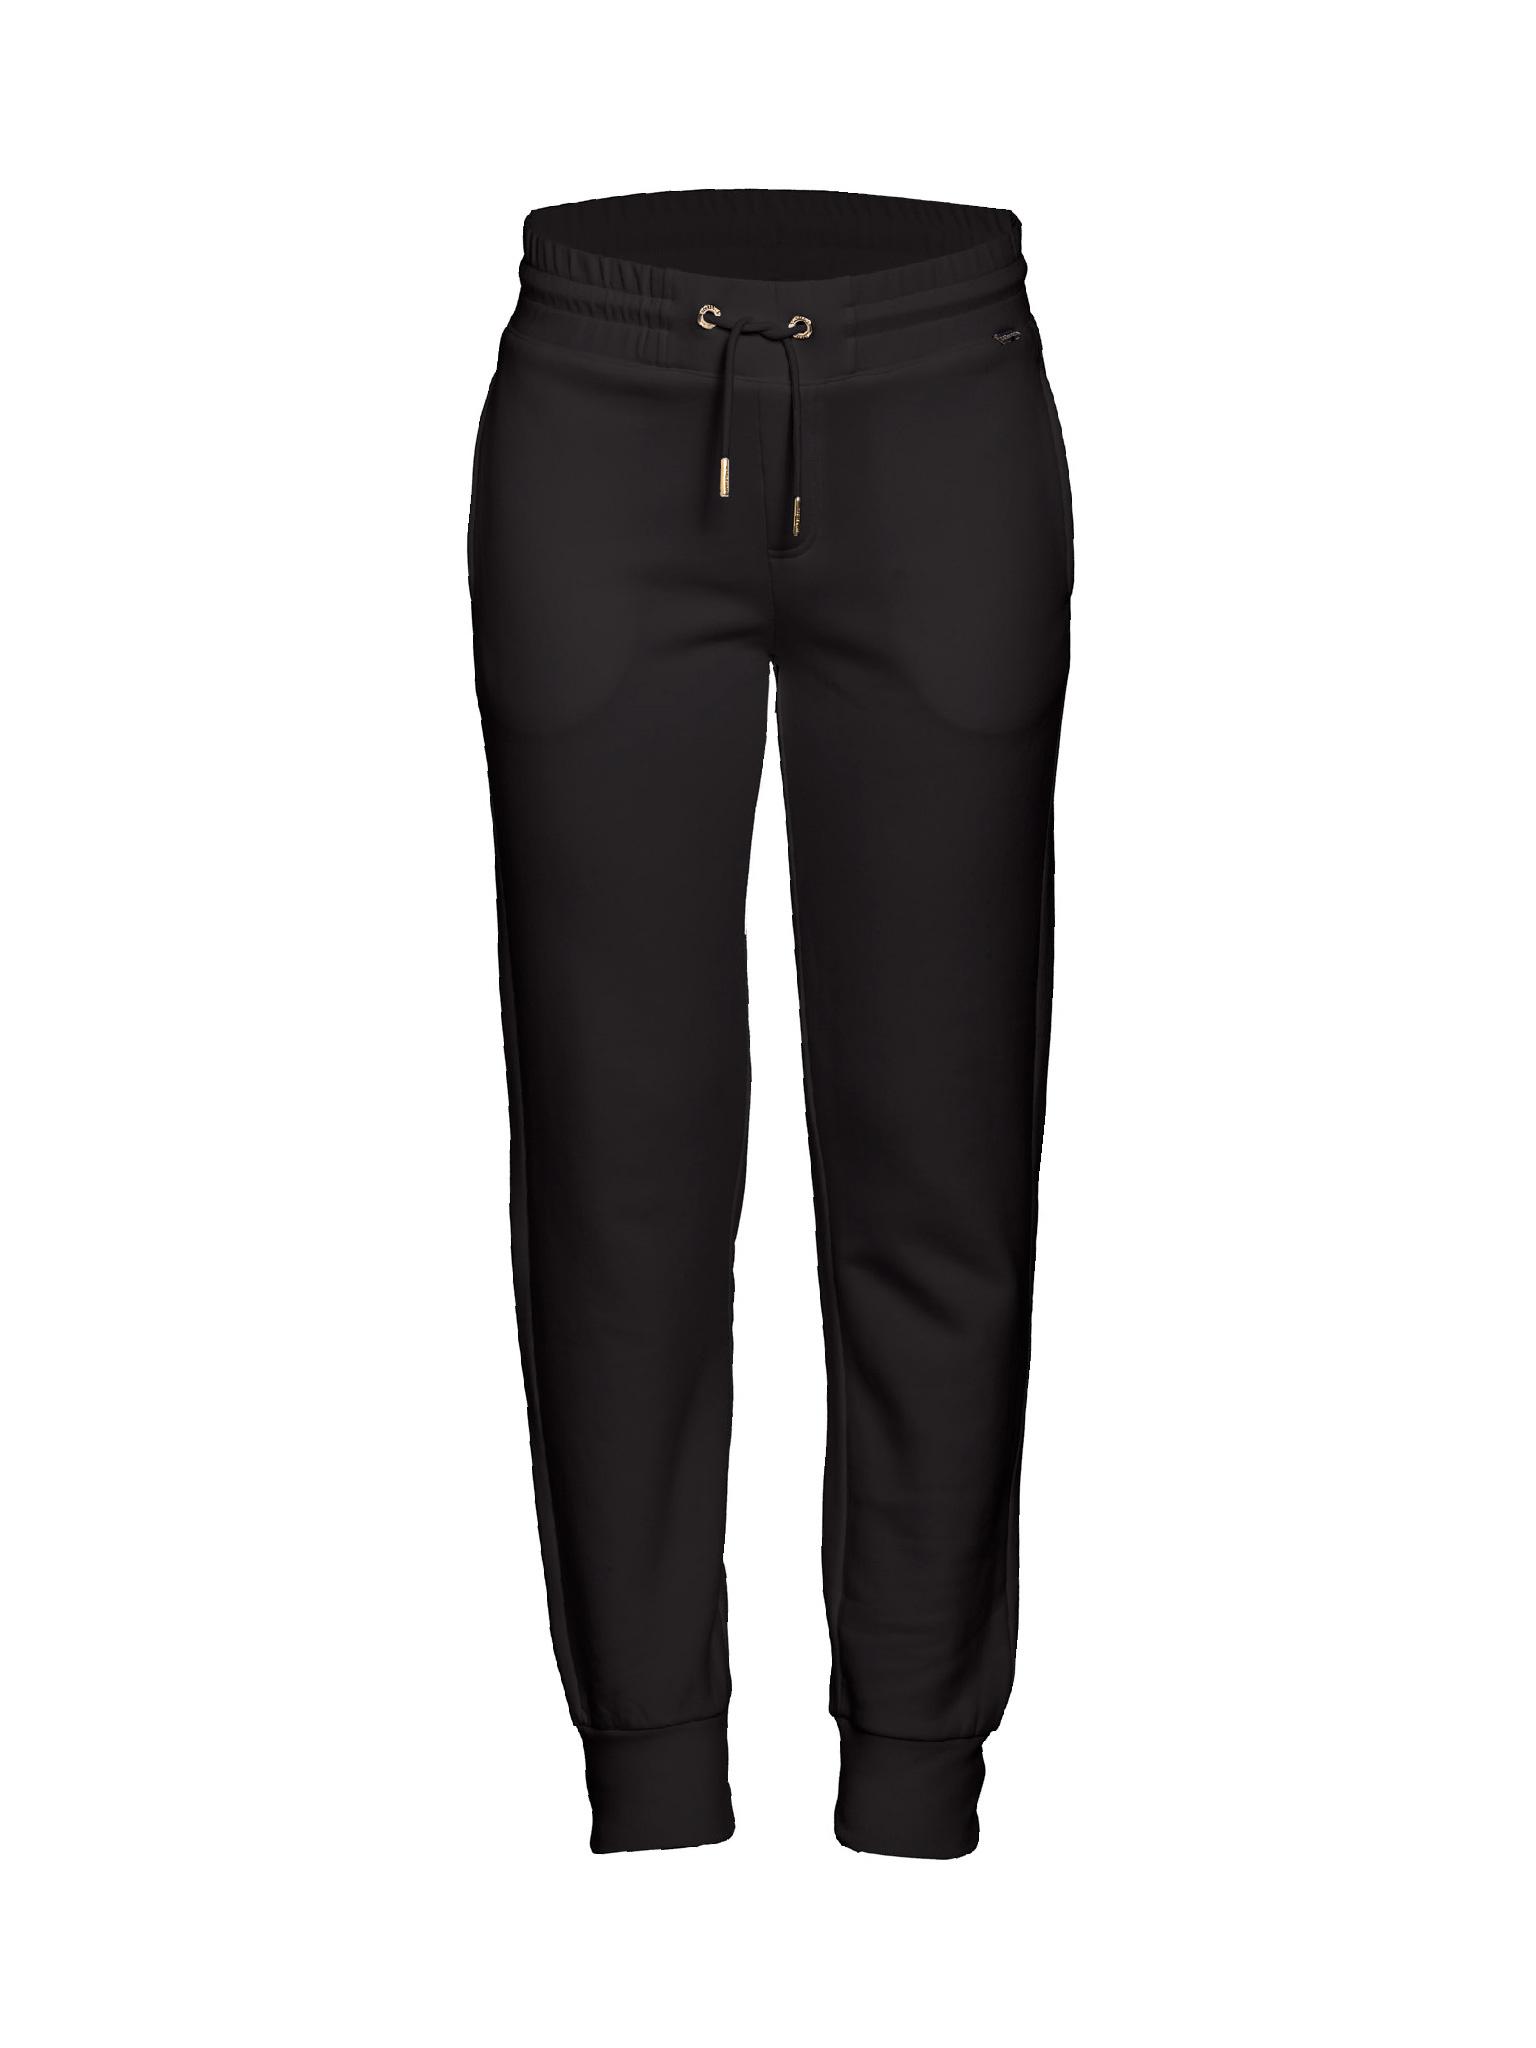 Zwarte dames broek Goldbergh - Ease